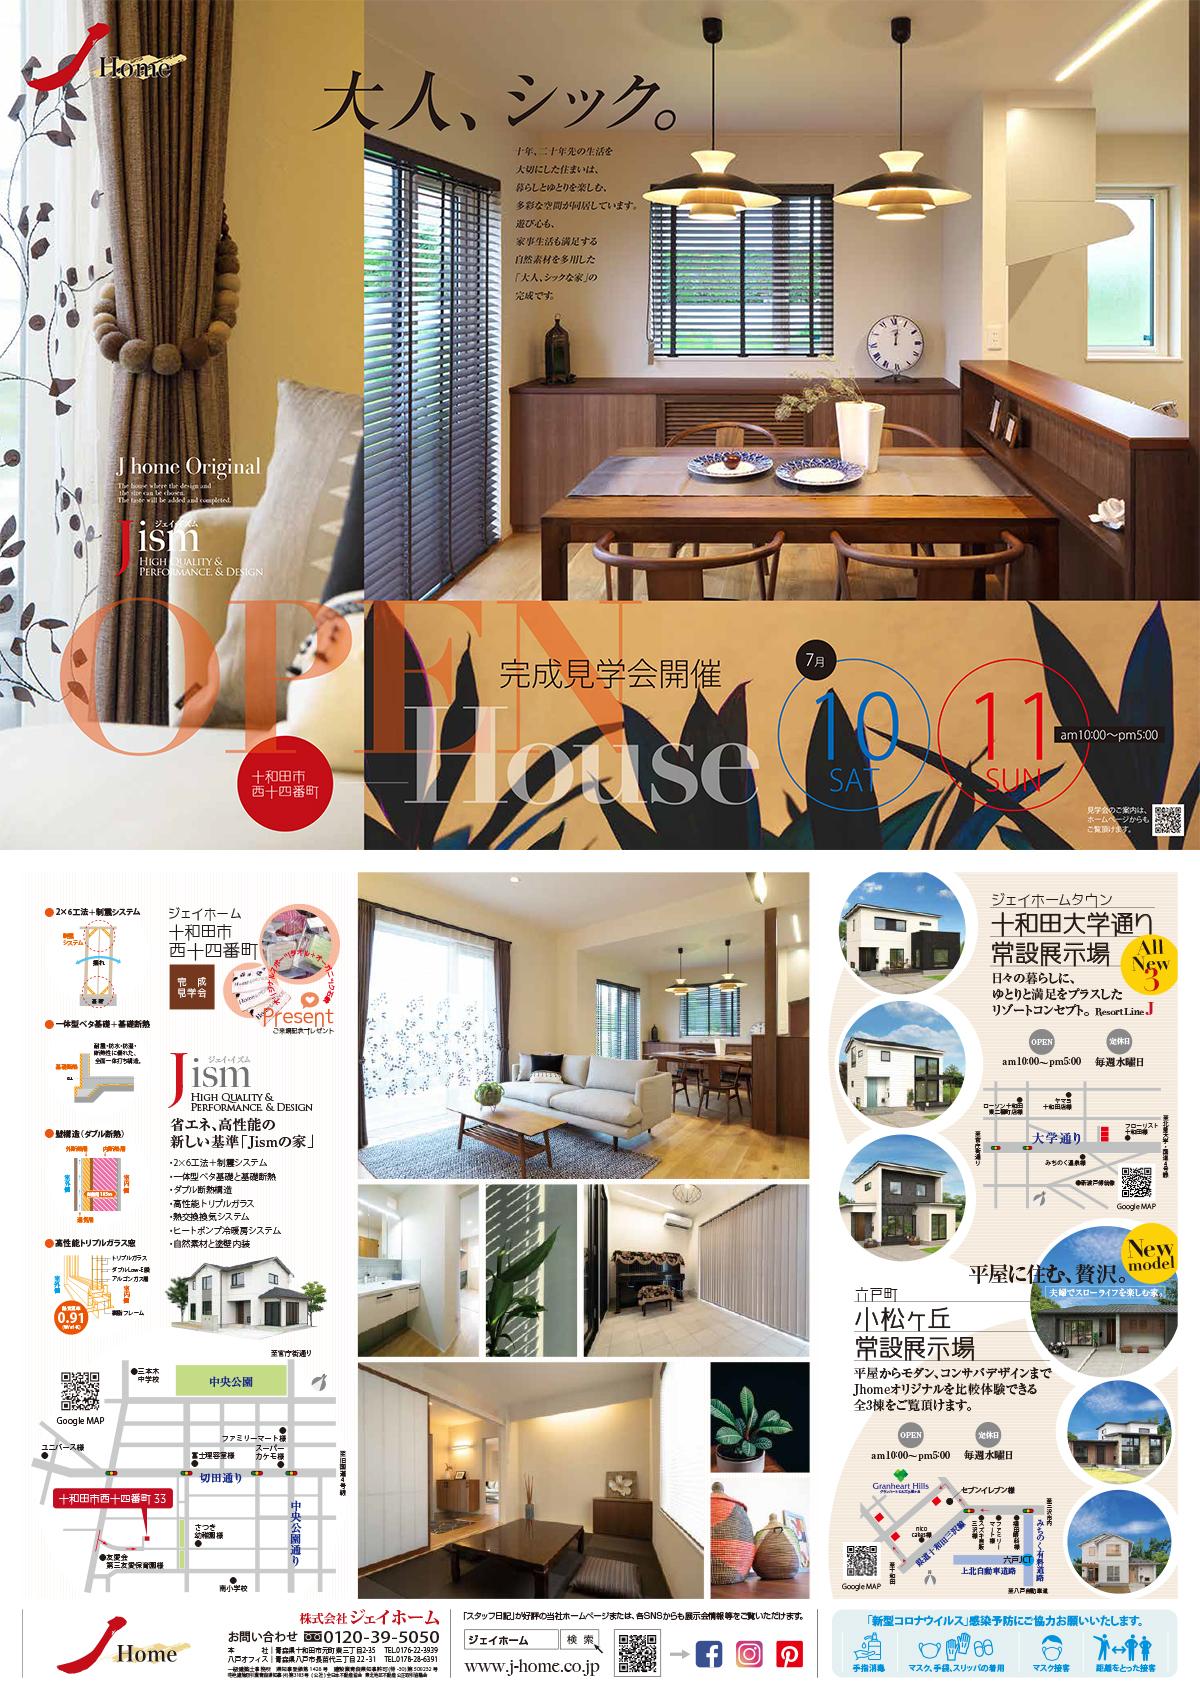 十和田市「完成見学会開催」